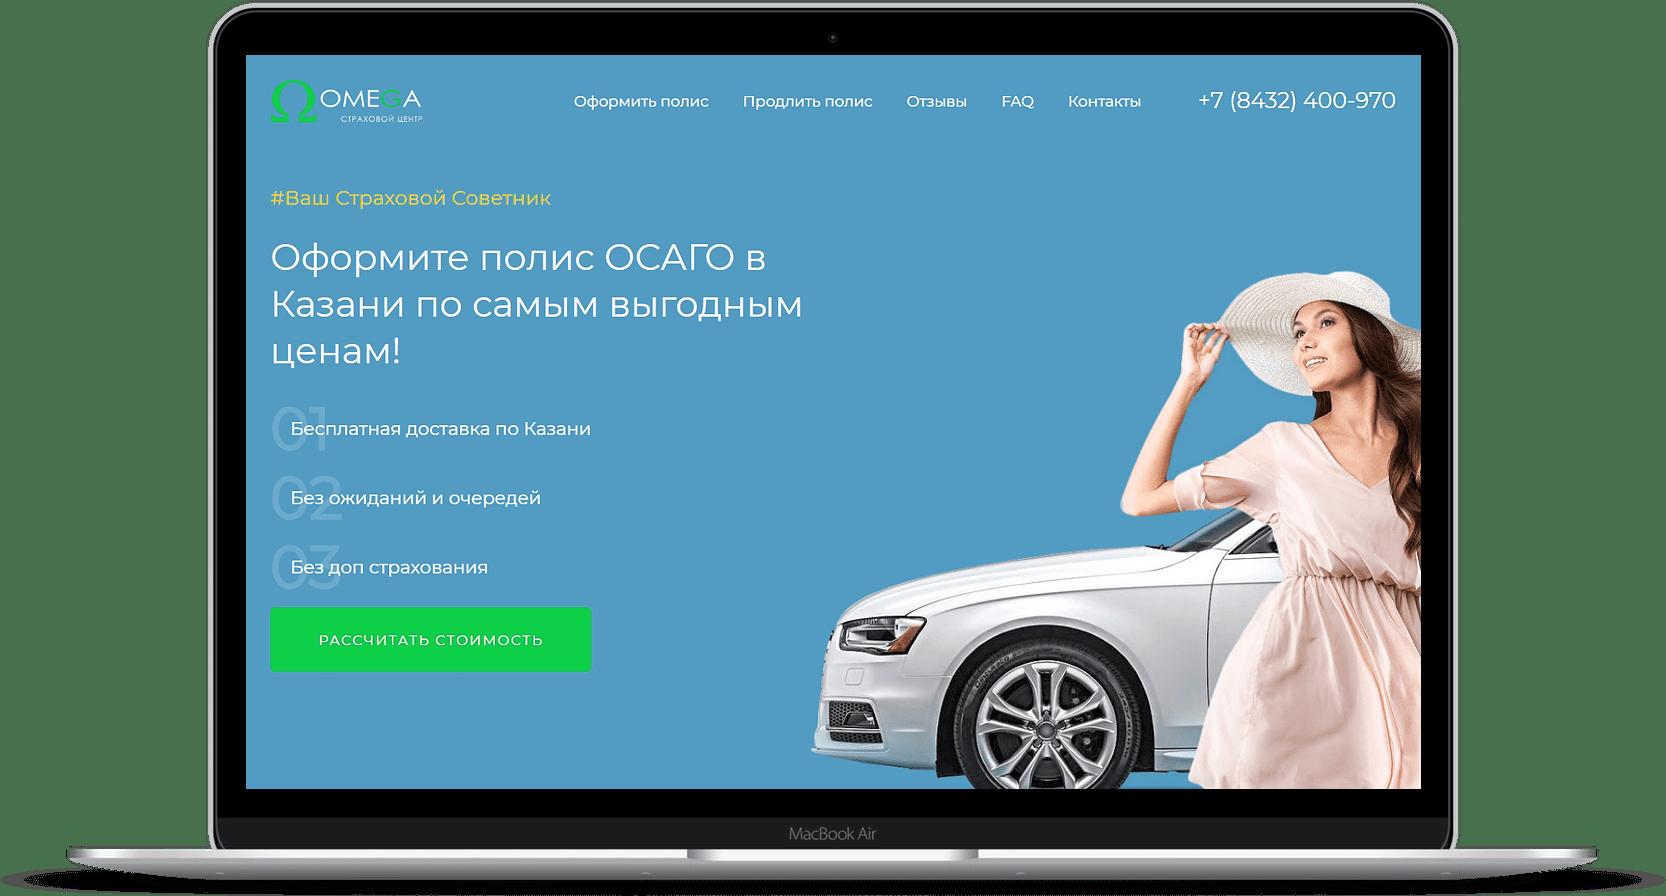 Сайт для компании авто страхования осаго